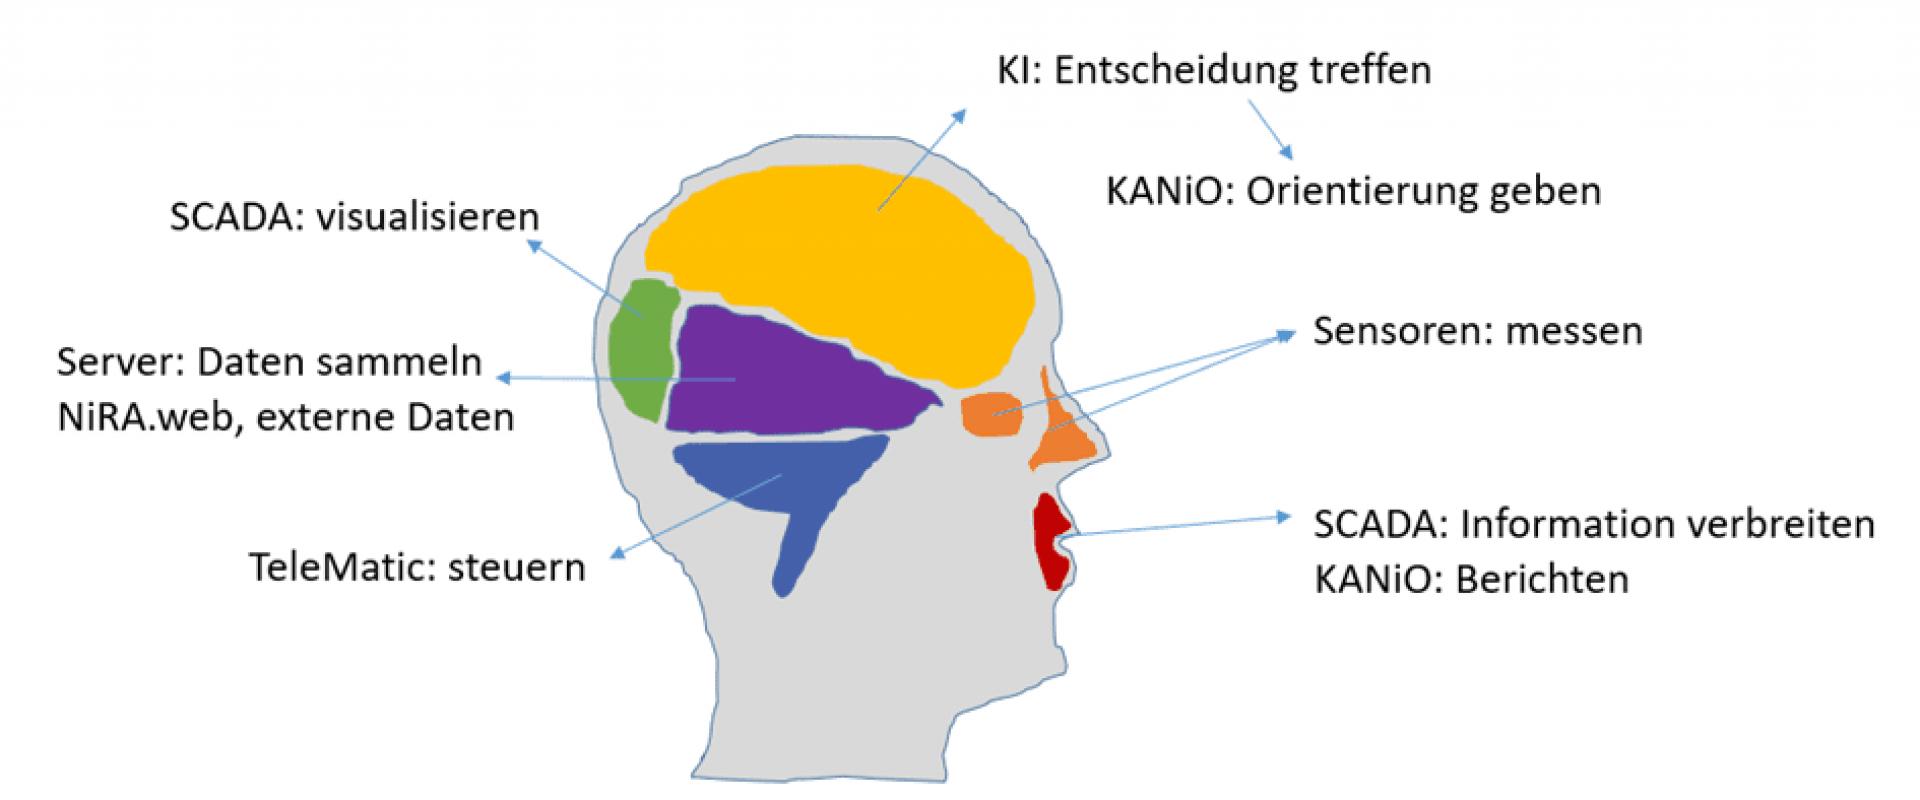 ki_kuenstliche_intelligenz_hst